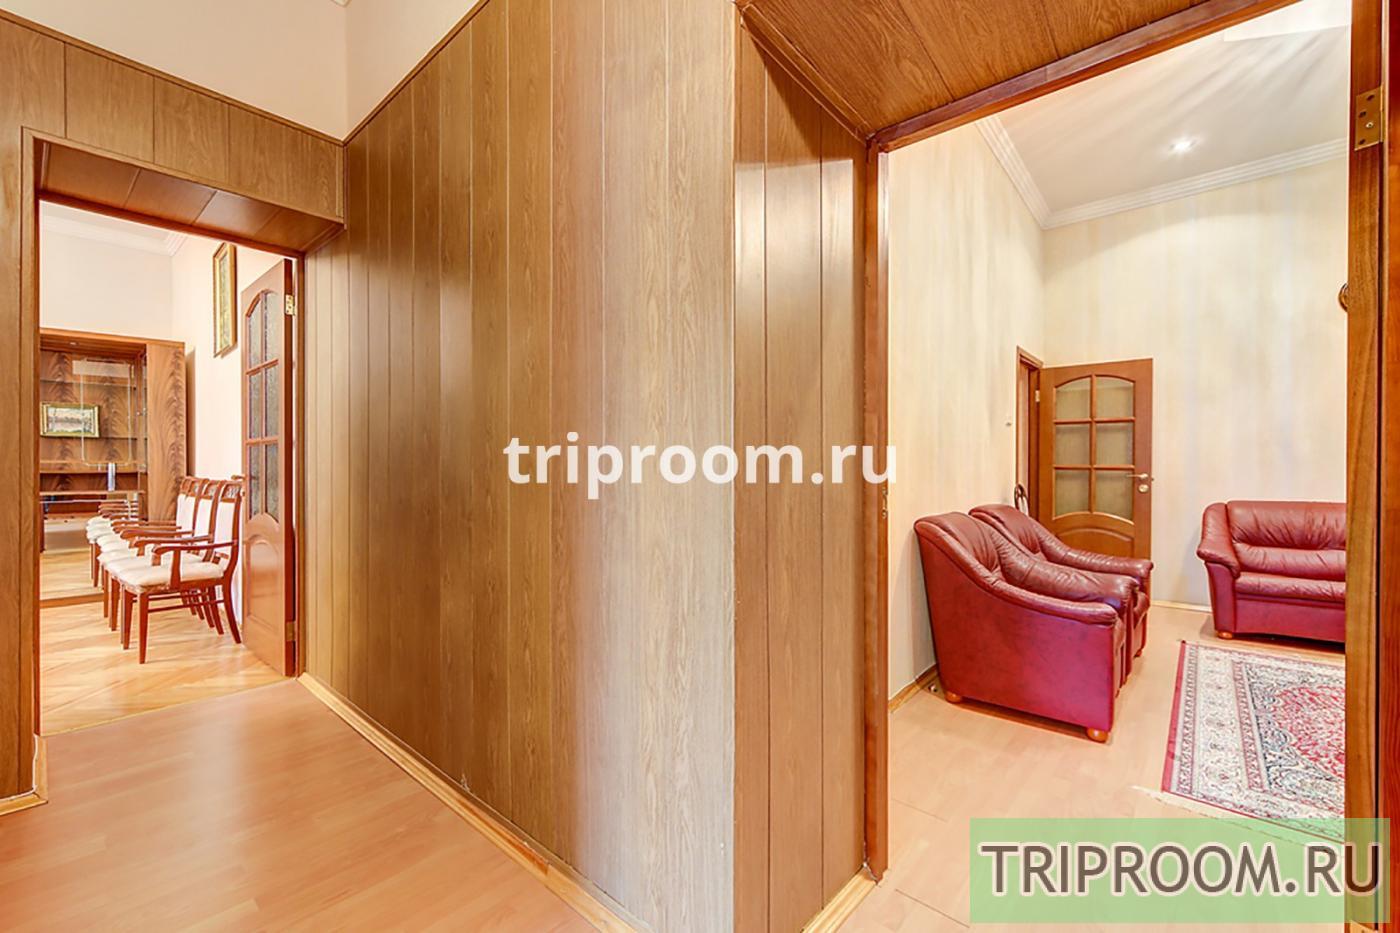 4-комнатная квартира посуточно (вариант № 20160), ул. Реки Мойки набережная, фото № 21